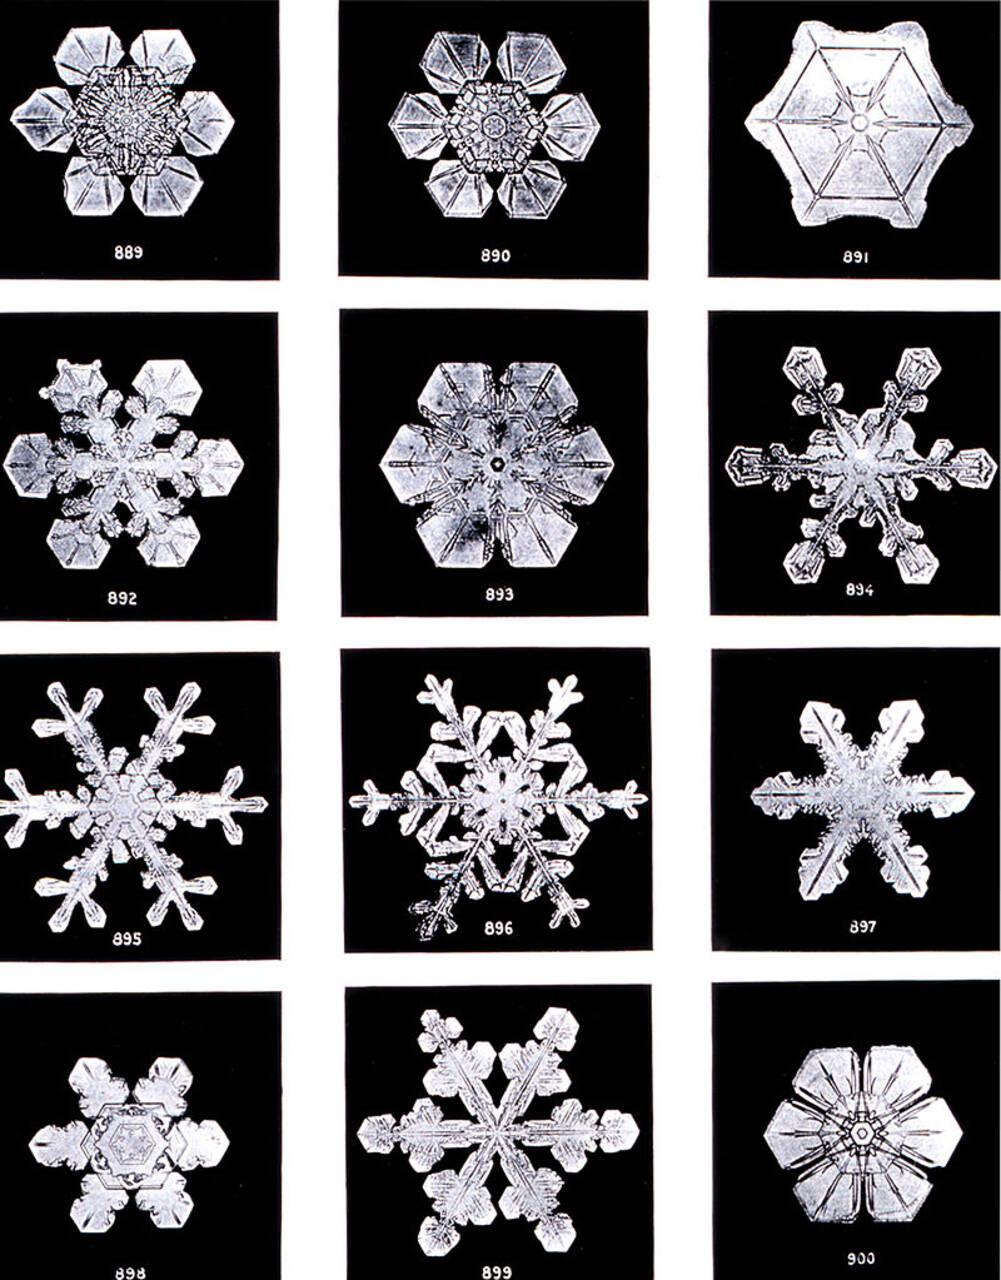 800px-SnowflakesWilsonBentley.jpg